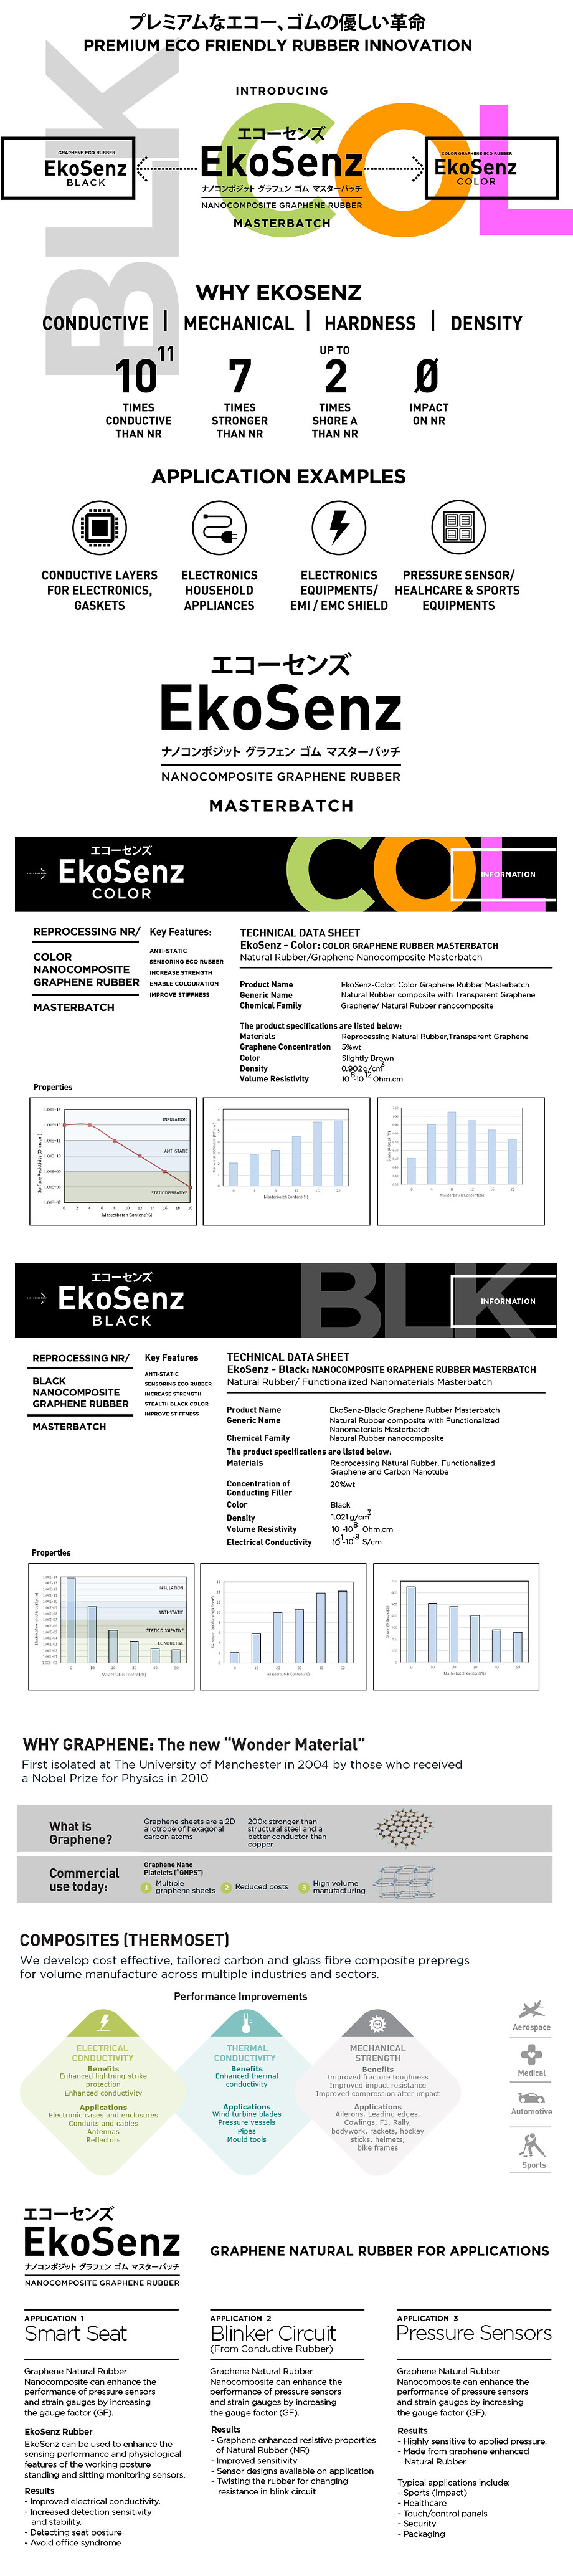 EkoSenz-info3.jpg